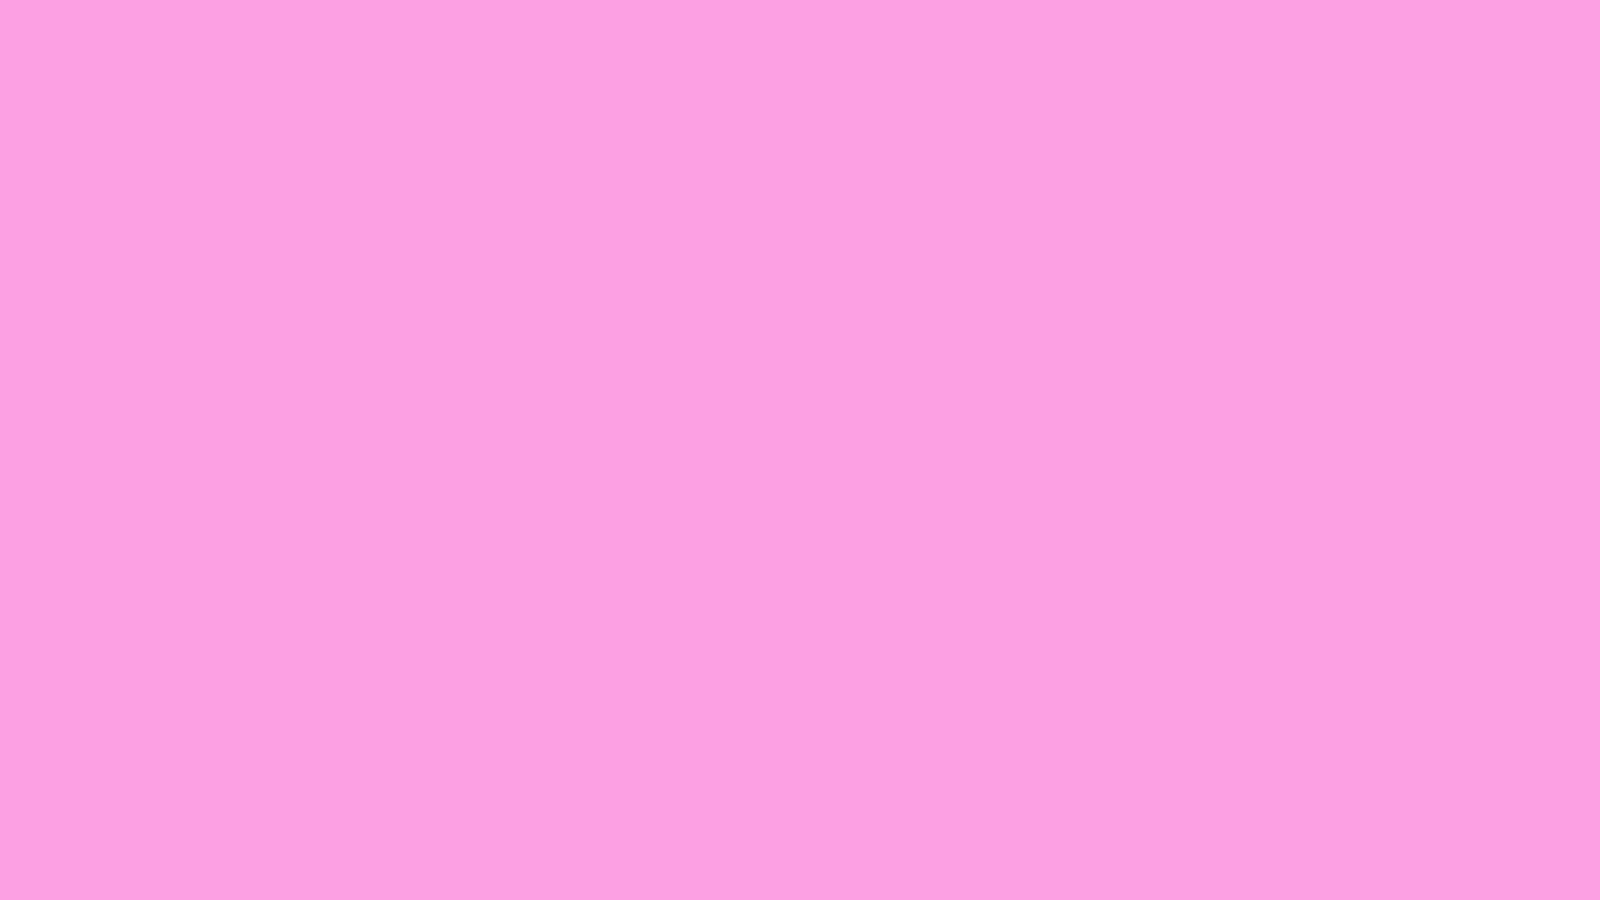 Lavender Rose Background 1600x900 lavender rose solid 1600x900